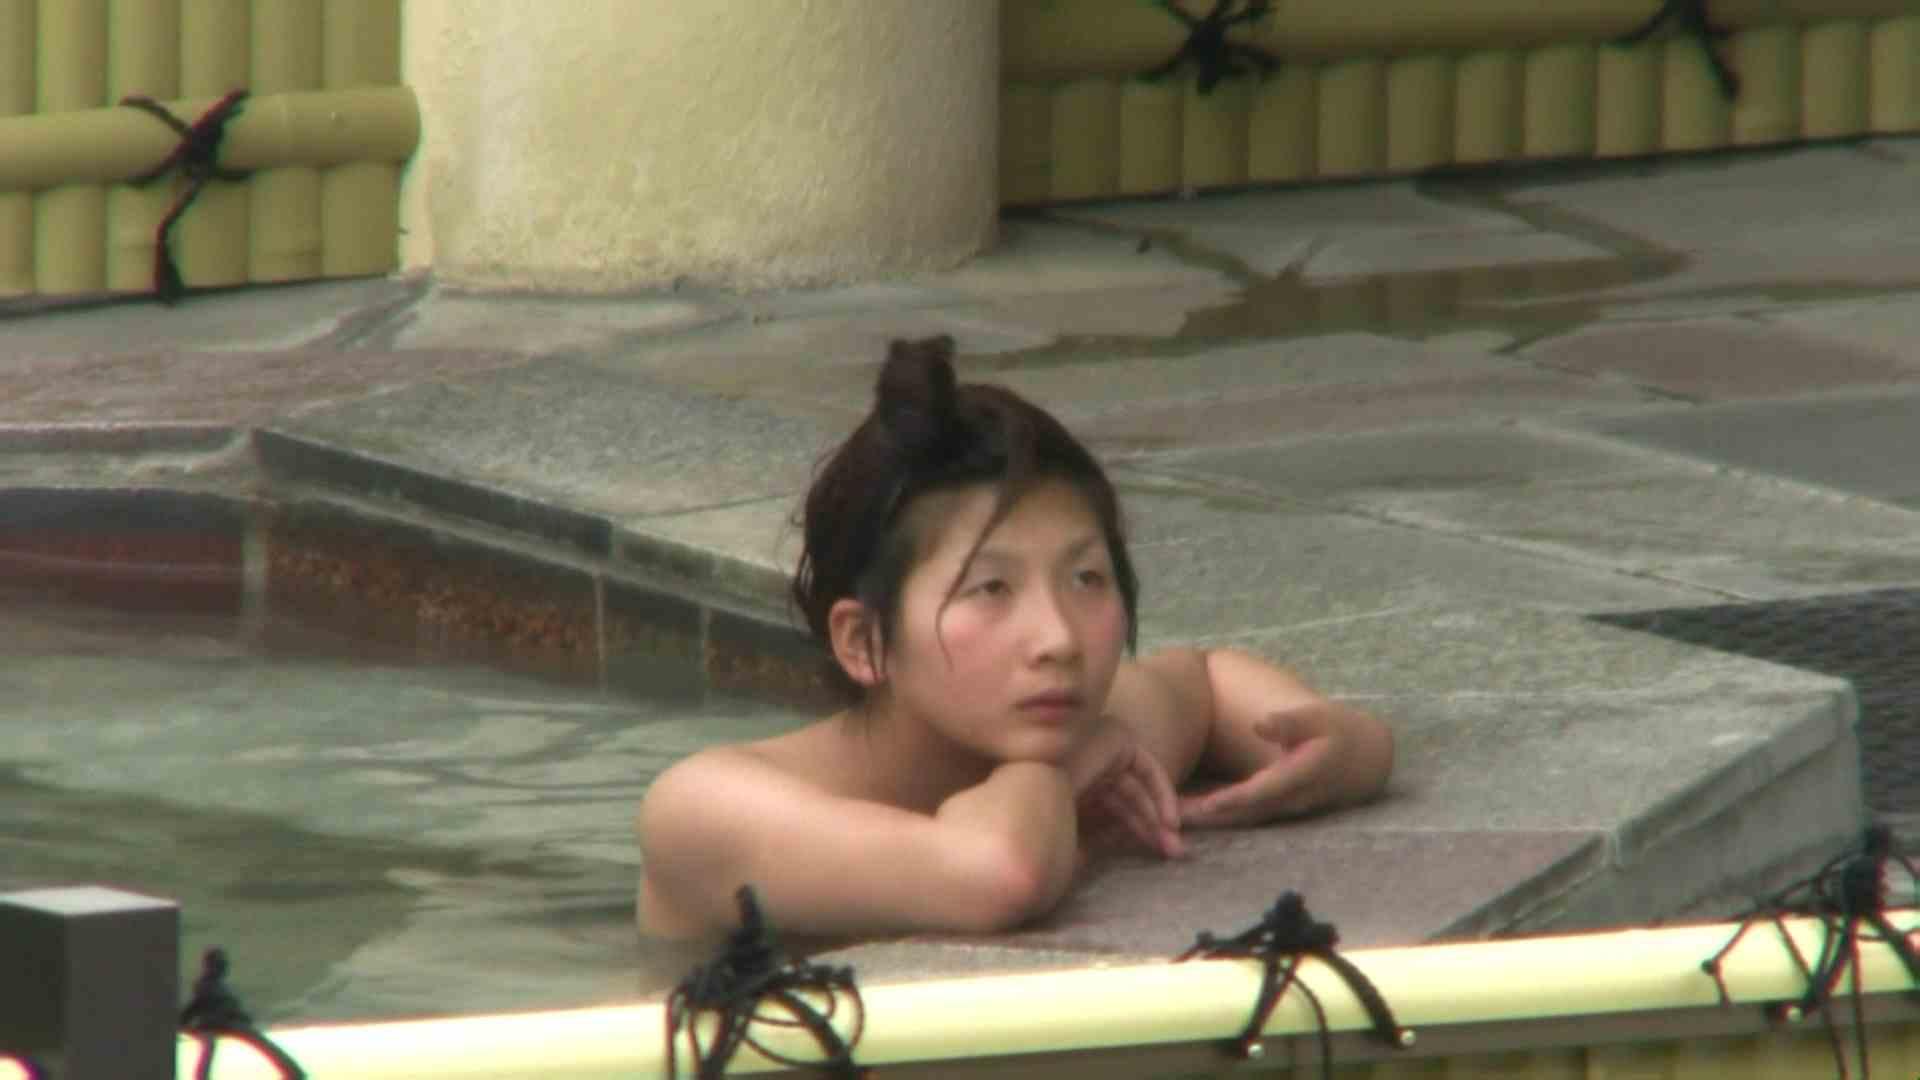 Aquaな露天風呂Vol.66【VIP限定】 美しいOLの裸体 エロ画像 83pic 20